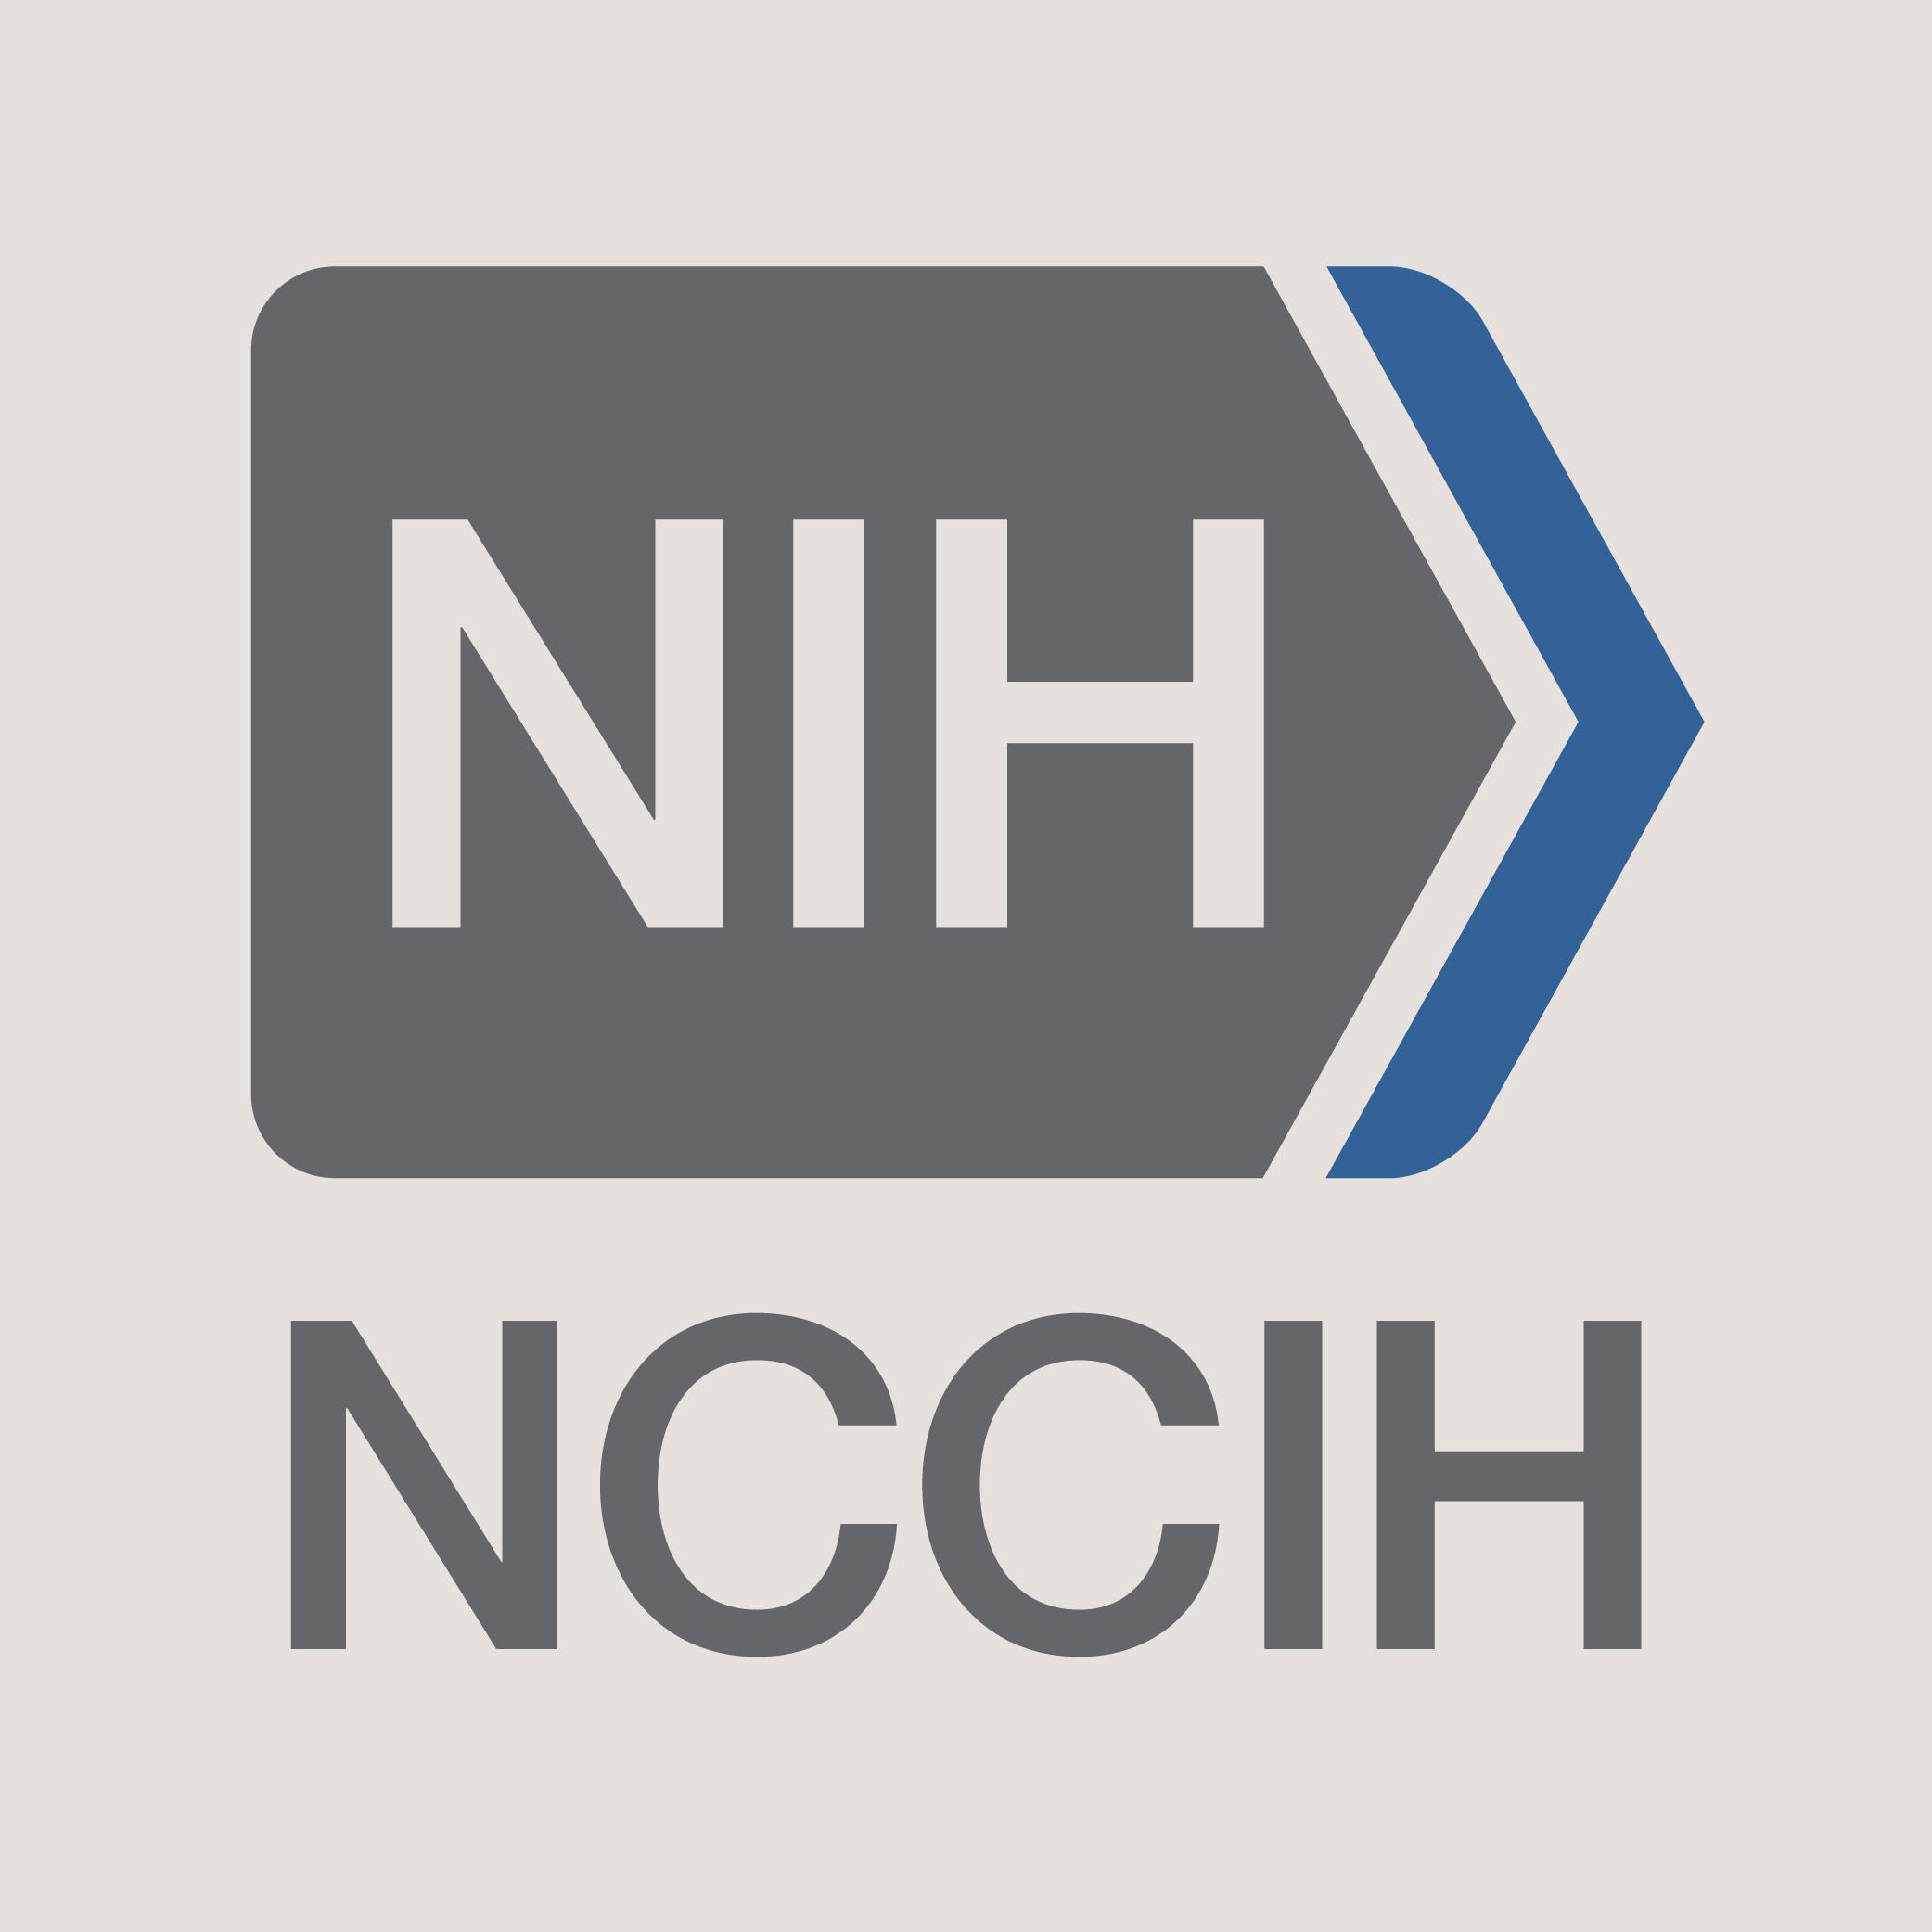 NIH_NCCIH